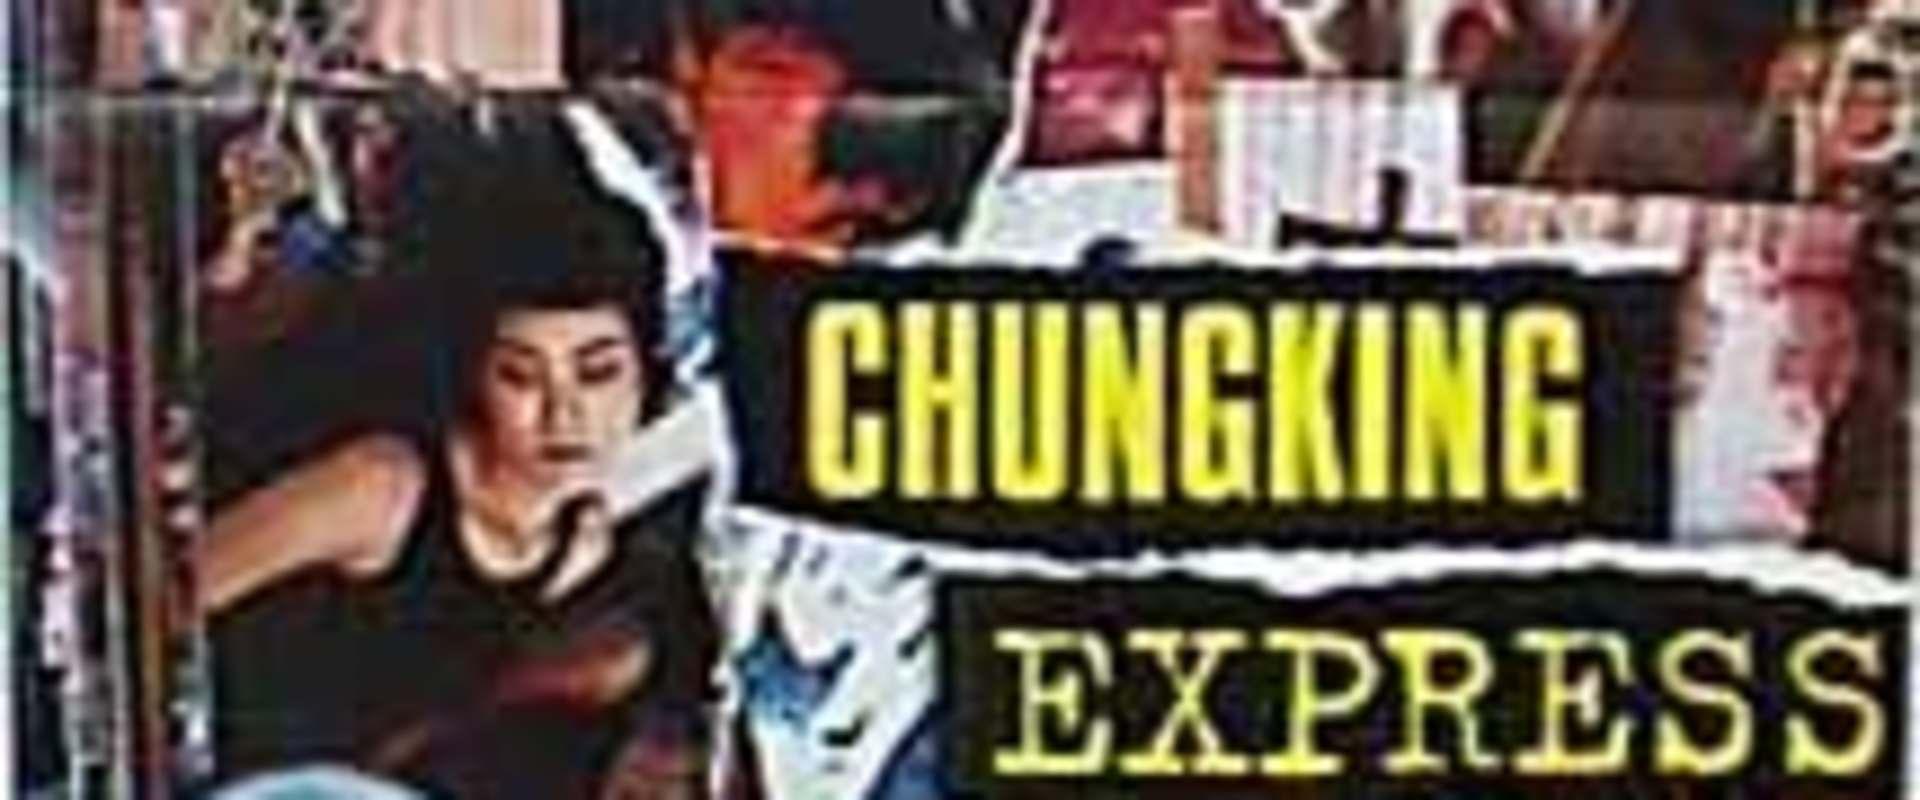 chungking express poster wwwpixsharkcom images